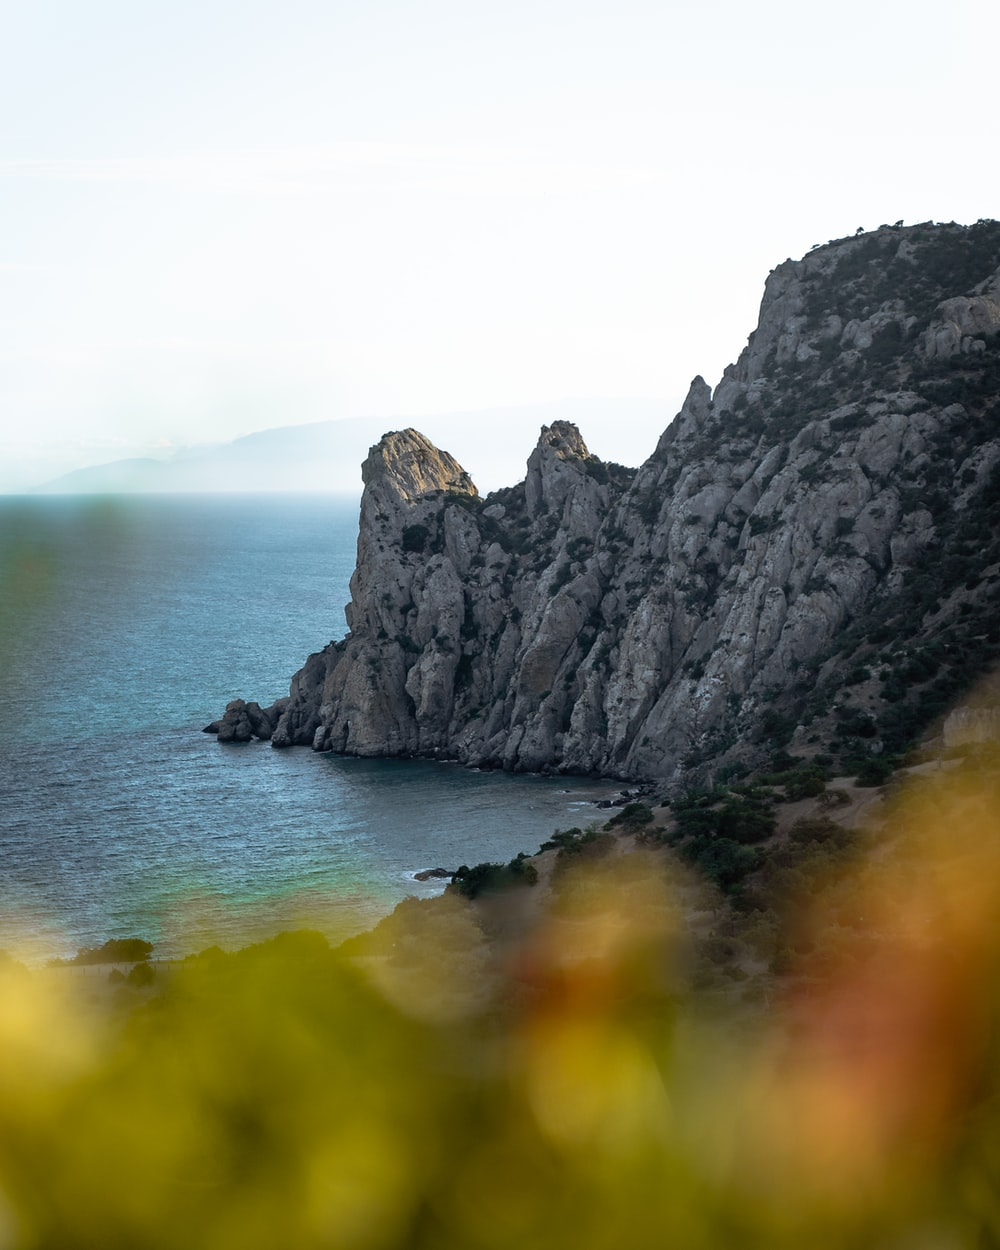 gray rocky mountain beside body of water